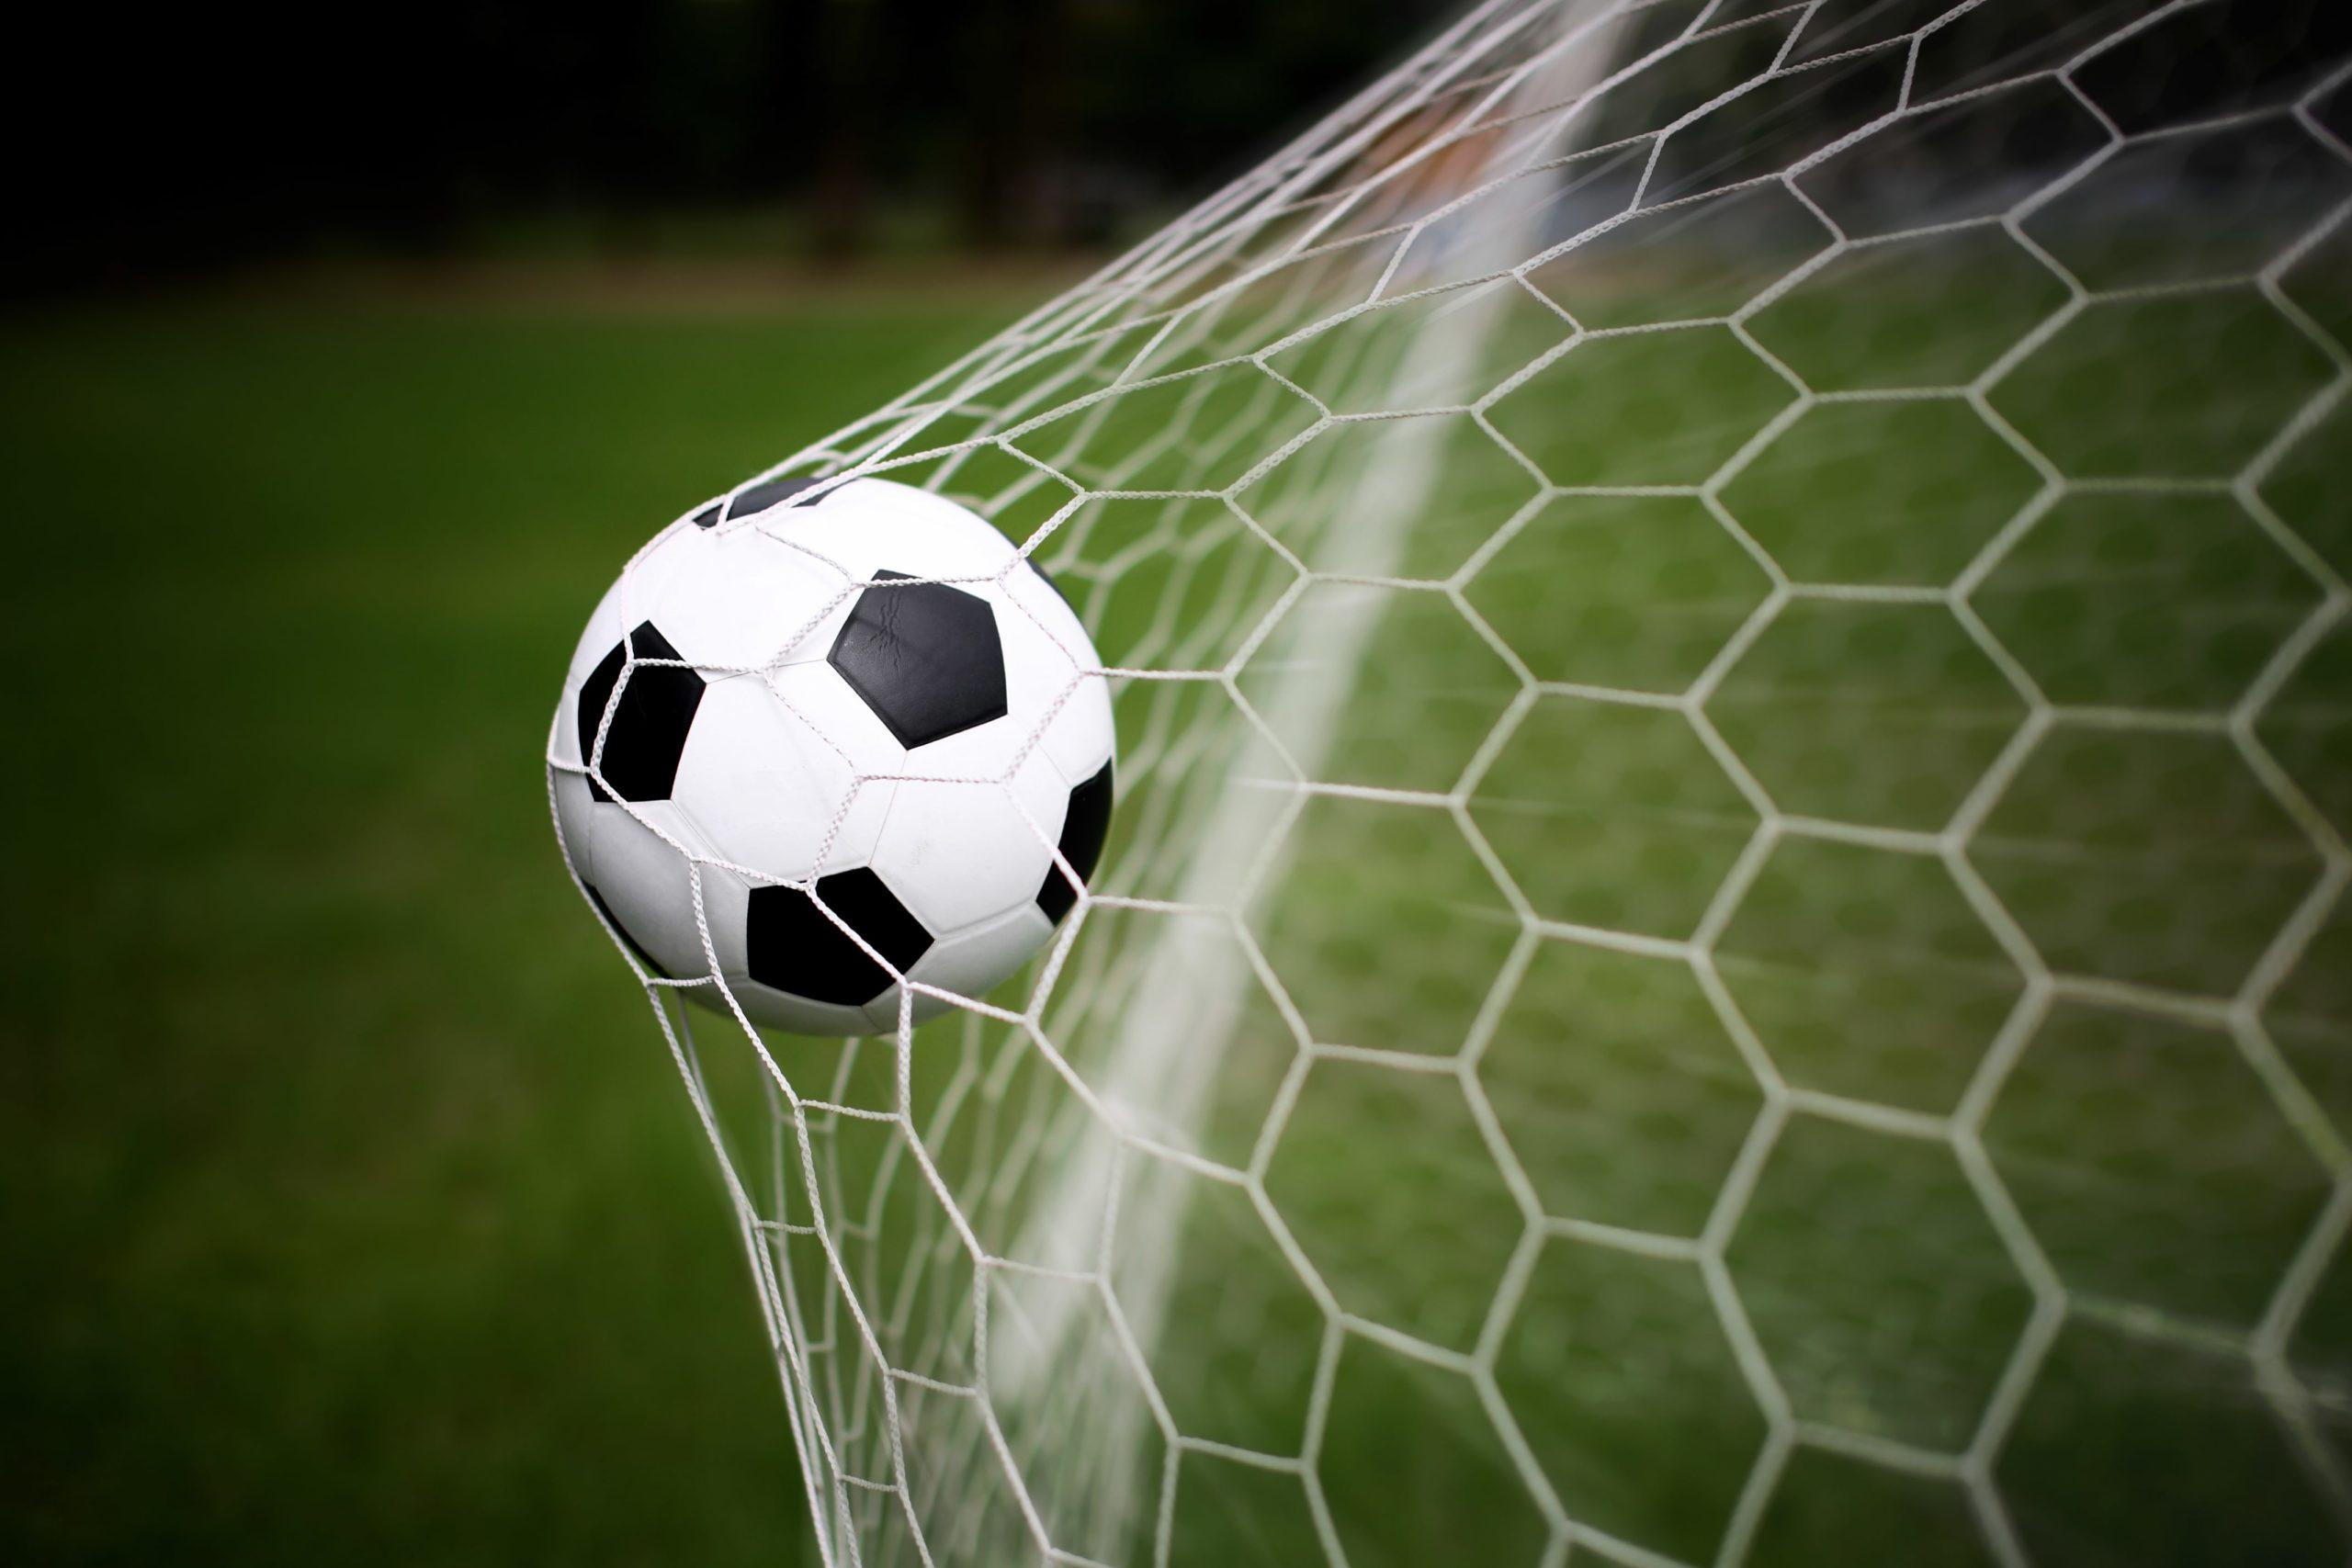 soccer-ball-in-net-min